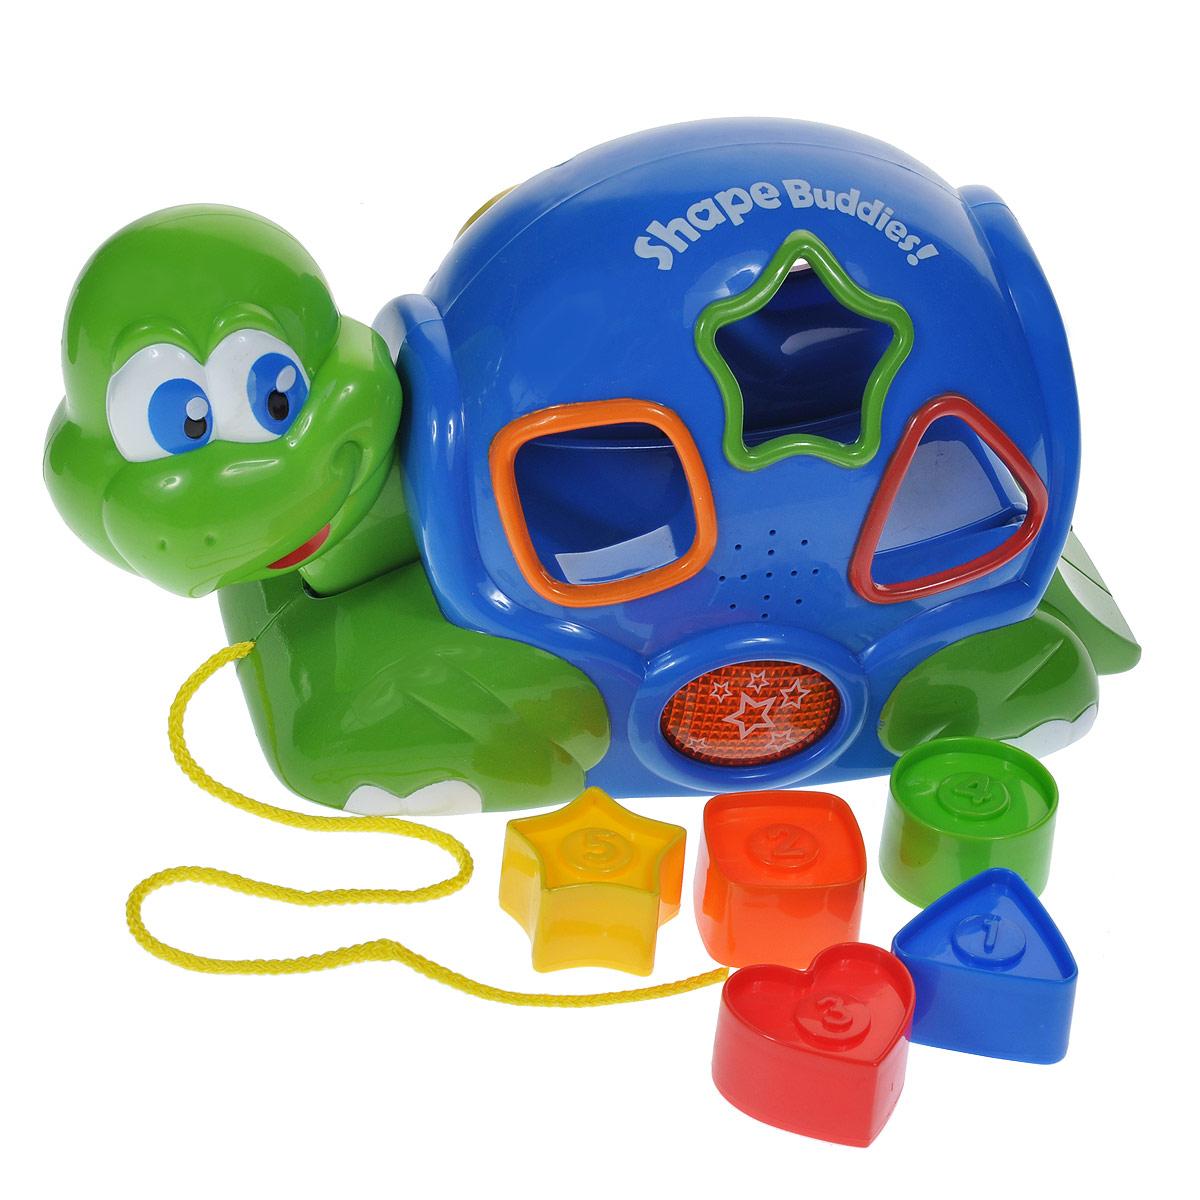 Игрушка-сортер Keenway Черепашка, 6 предметов31538Яркая игрушка-сортер Keenway Черепашка - это уникальная игрушка, сочетающая в себе увлекательное обучение и настоящее веселье. Она выполнена из прочного пластика ярких цветов в виде симпатичной черепашки с необычным панцирем. В комплект с игрушкой входят пять пронумерованных формочек в виде квадрата, треугольника, звездочки, круга и сердечка. На панцире черепашки имеются специальные отверстия. На разноцветных формочках - цифры от 1 до 5. Задача малыша состоит в том, чтобы опустить формочку в соответствующее ей отверстие. Если фигурка подобрана правильно, игрушка издает ободряющий звук. Если нажать на голову черепахи, то вложенные формочки выкатятся из игрушки, будут звучать веселые мелодии и мигать огоньки, ободряя ребенка и приглашая к новой игре. Черепашка дополнена колесиками, благодаря чему кроха сможет возить ее за собой, потянув за шнурок. Игрушка-сортер поможет малышу развить цветовое и звуковое восприятие, логическое мышление, моторику рук, координацию движений,...